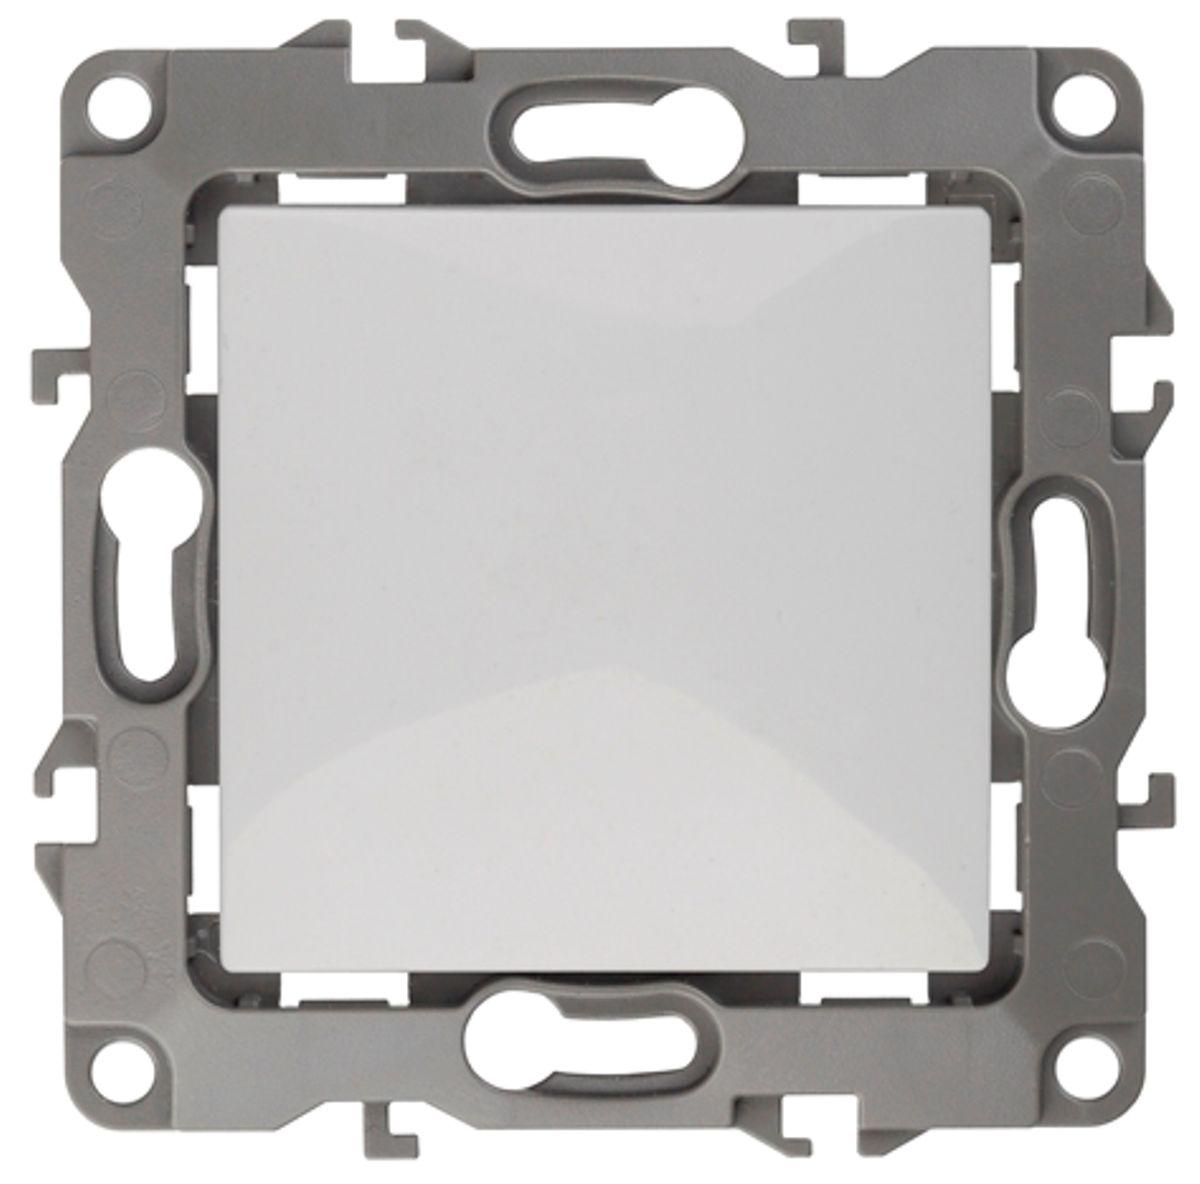 Переключатель ЭРА, цвет: белый, серый. 12-1103-0112-1103-01Переключатель ЭРА выполнен из прочного поликарбоната, контакты - бронзовые. Используется в осветительной технике в том случае, если необходимо включать одну люстру с нескольких мест (кухни, коридора, гостиной) при больших проходных комнатах. Переключатель имеет специальные фиксаторы, которые не дают ему смещаться как при монтаже, так и в процессе эксплуатации. Автоматические зажимы кабеля обеспечивают быстрый и надежный монтаж изделия к электросети без отвертки и не требуют обслуживания в отличие от винтовых зажимов.